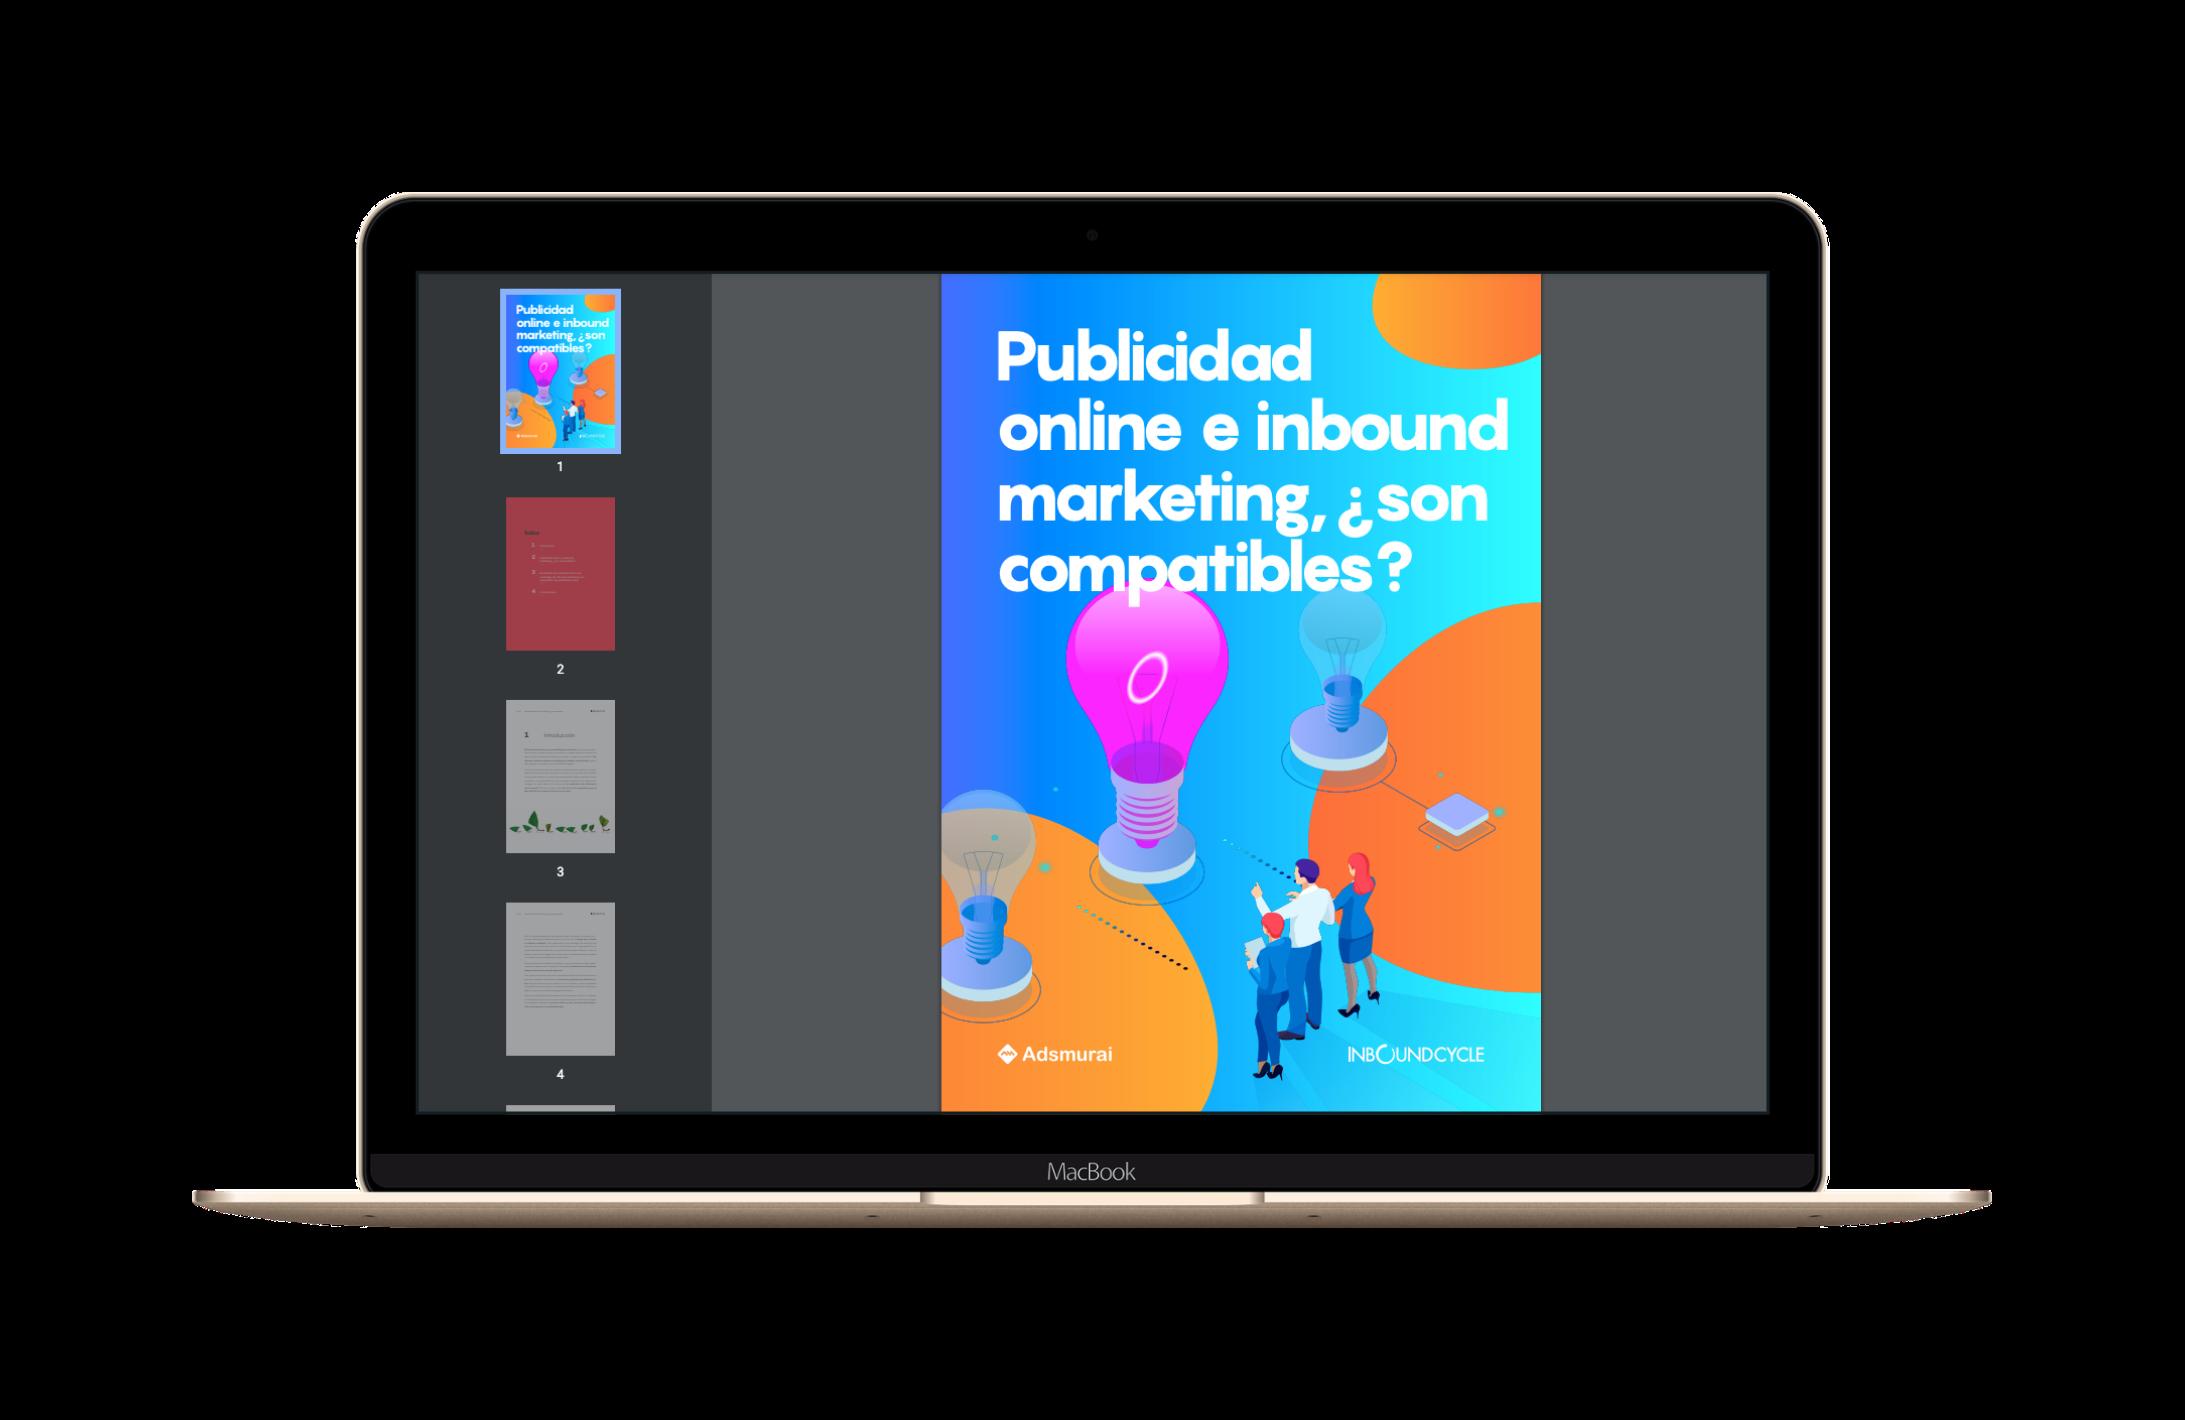 ebook gratis marketing y ventas inboundcycle adsmurai